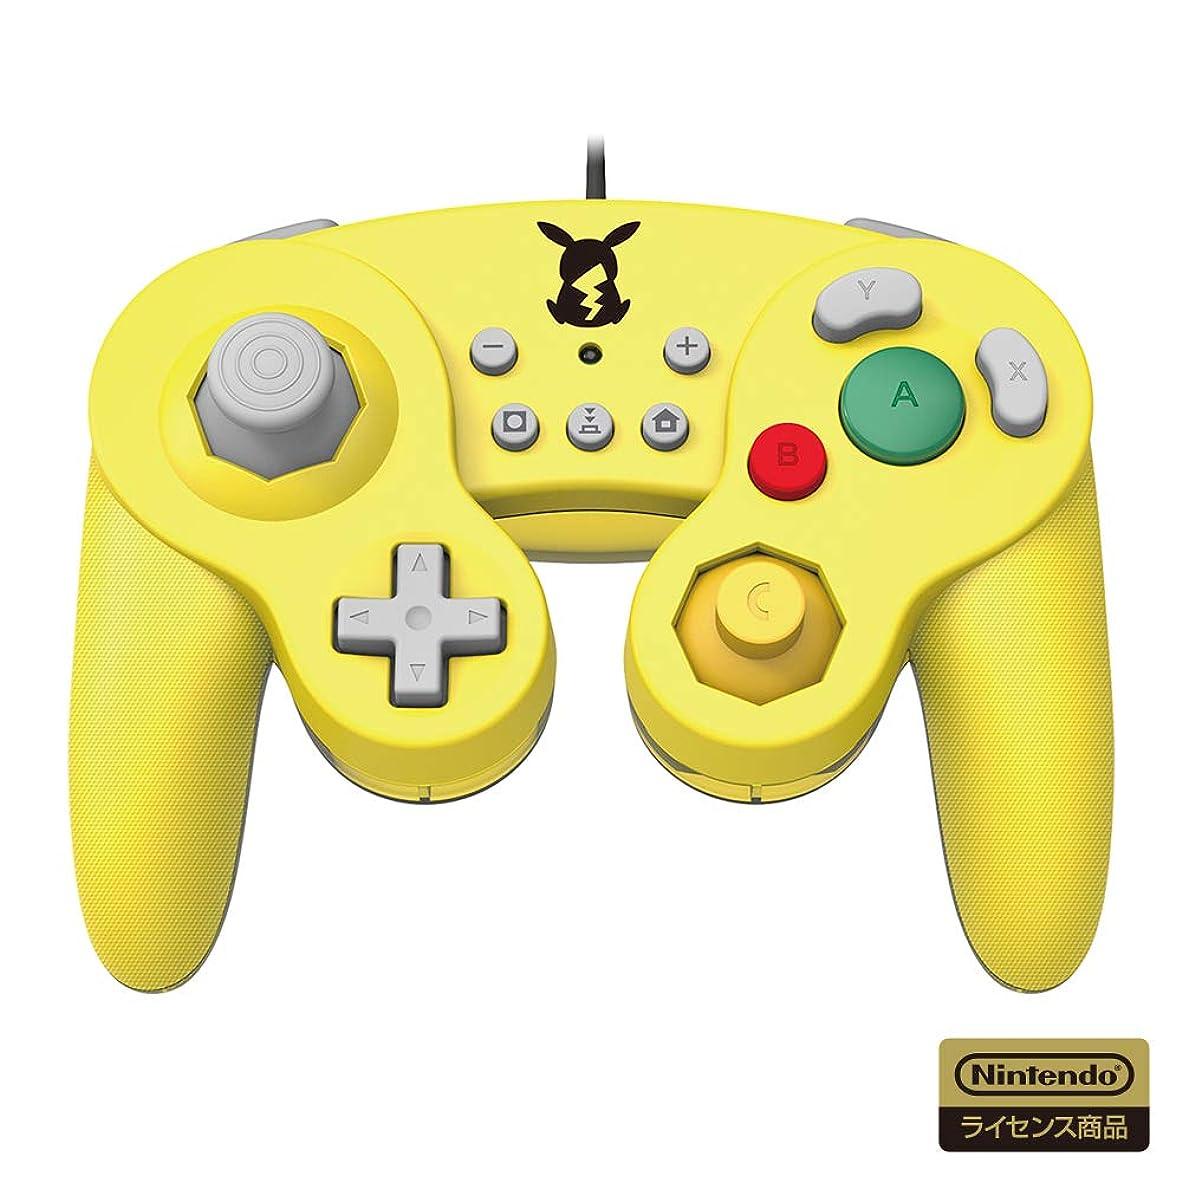 防止本止まる【任天堂ライセンス商品】ホリ クラシックコントローラー for Nintendo Switch ピカチュウ【Nintendo Switch対応】